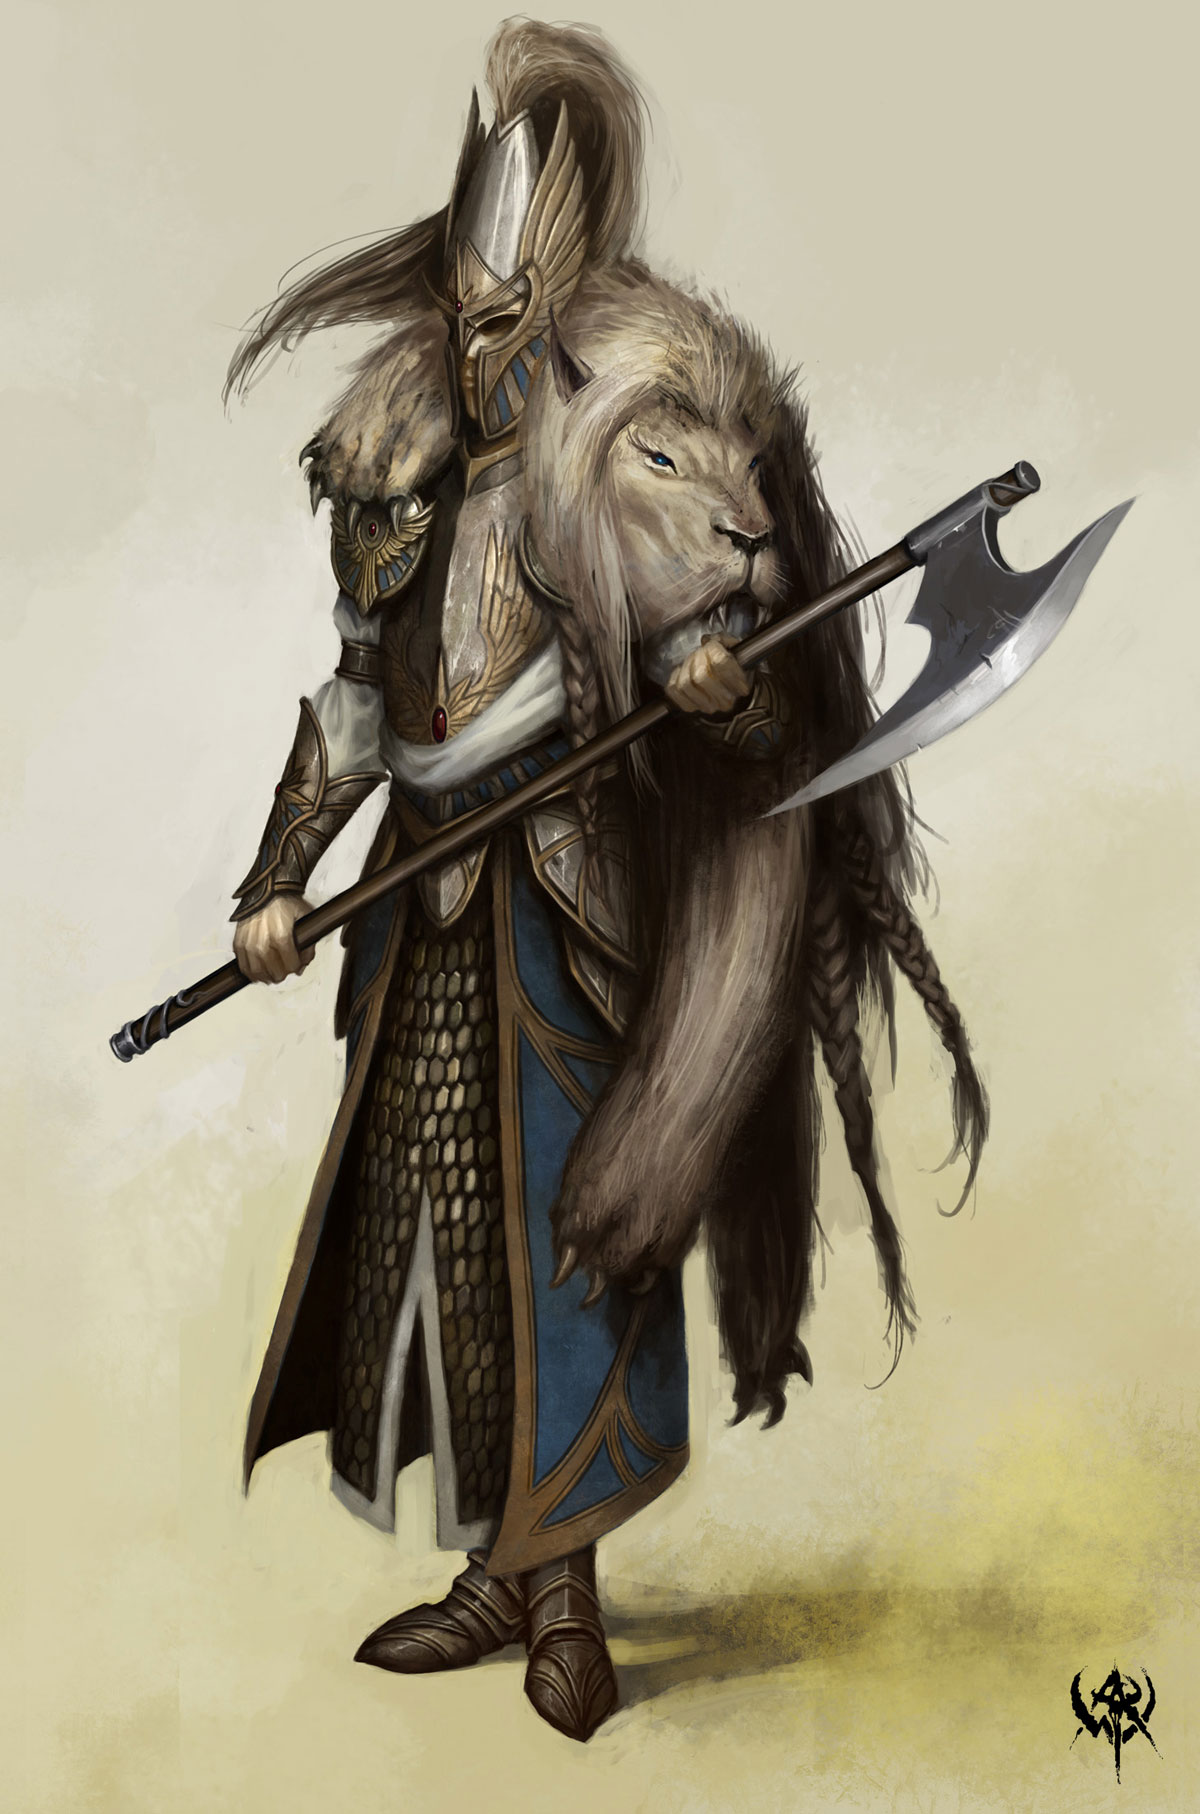 狩猎狂狮 狂狮 少帅 吧 狂狮 少帅 知客分享